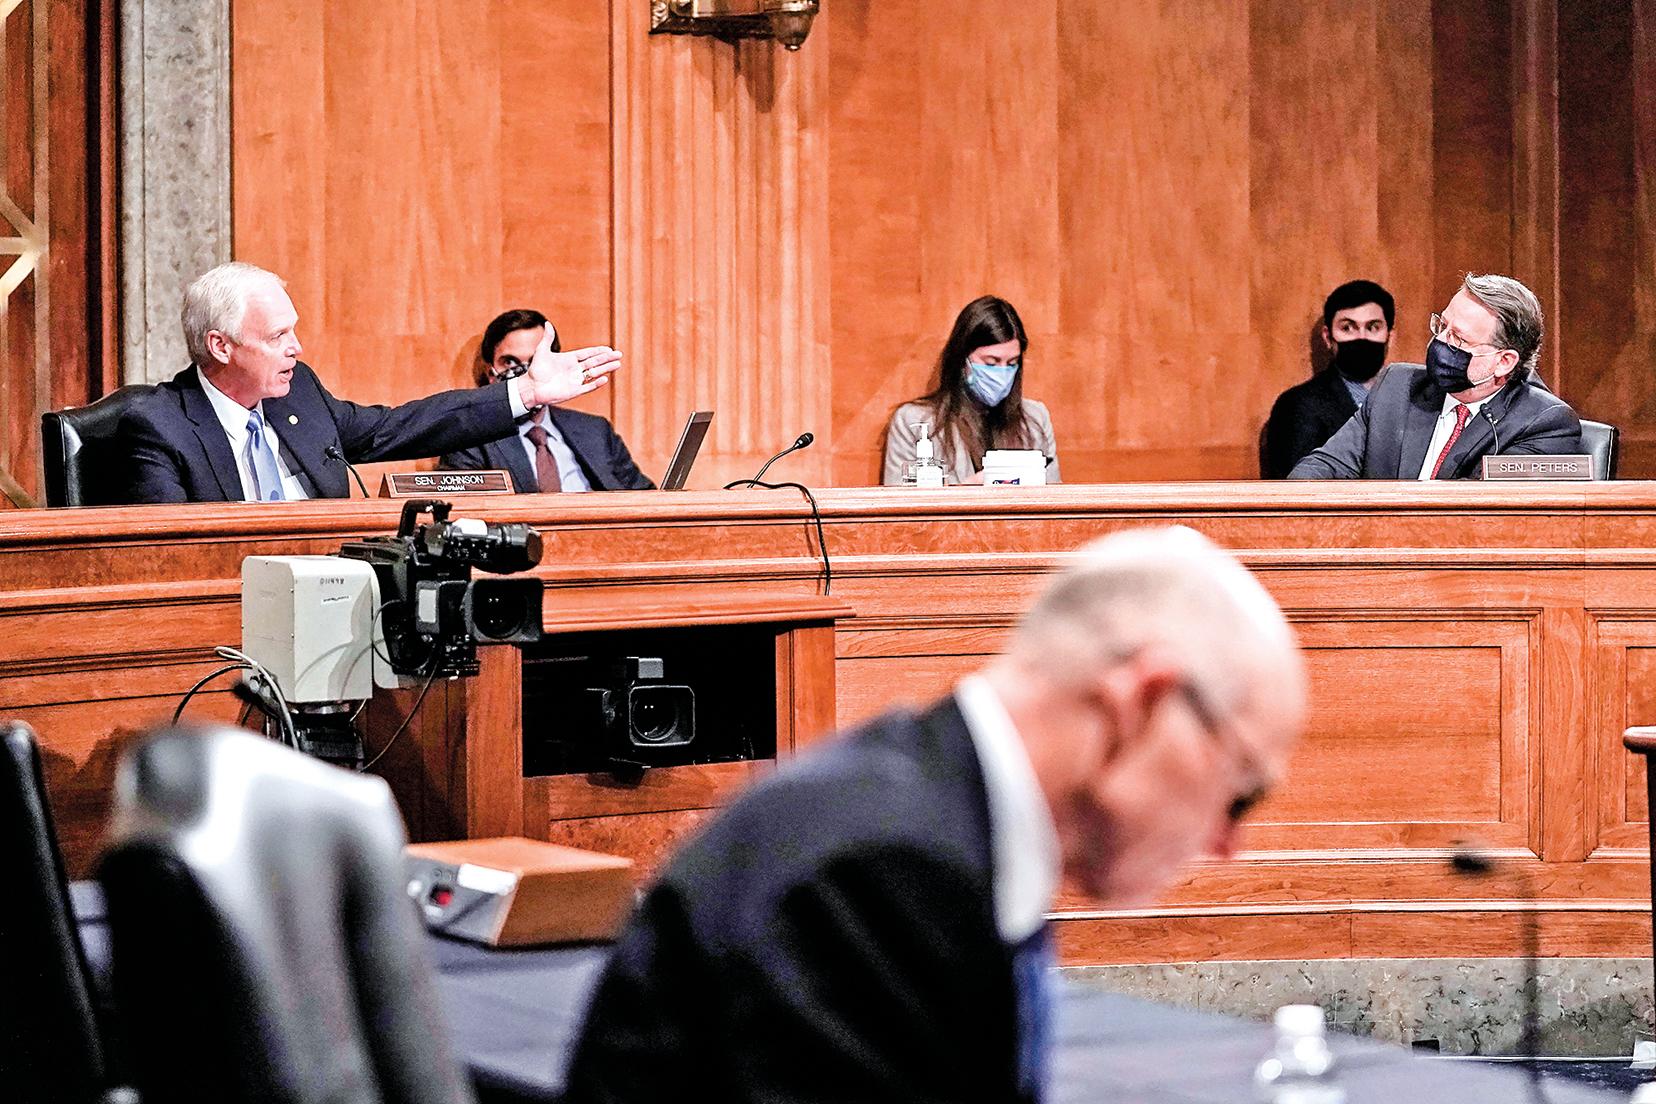 12月16日,美國參議院國土安全與政府事務委員會展開聽證會,討論 2020年選舉安全和選舉舞弊,委員會主席約翰遜(Ron Johnson,左一)和民主黨參議員彼得斯(Gary Peters,右一)在爭論。(Greg Nash-Pool/Getty Images)